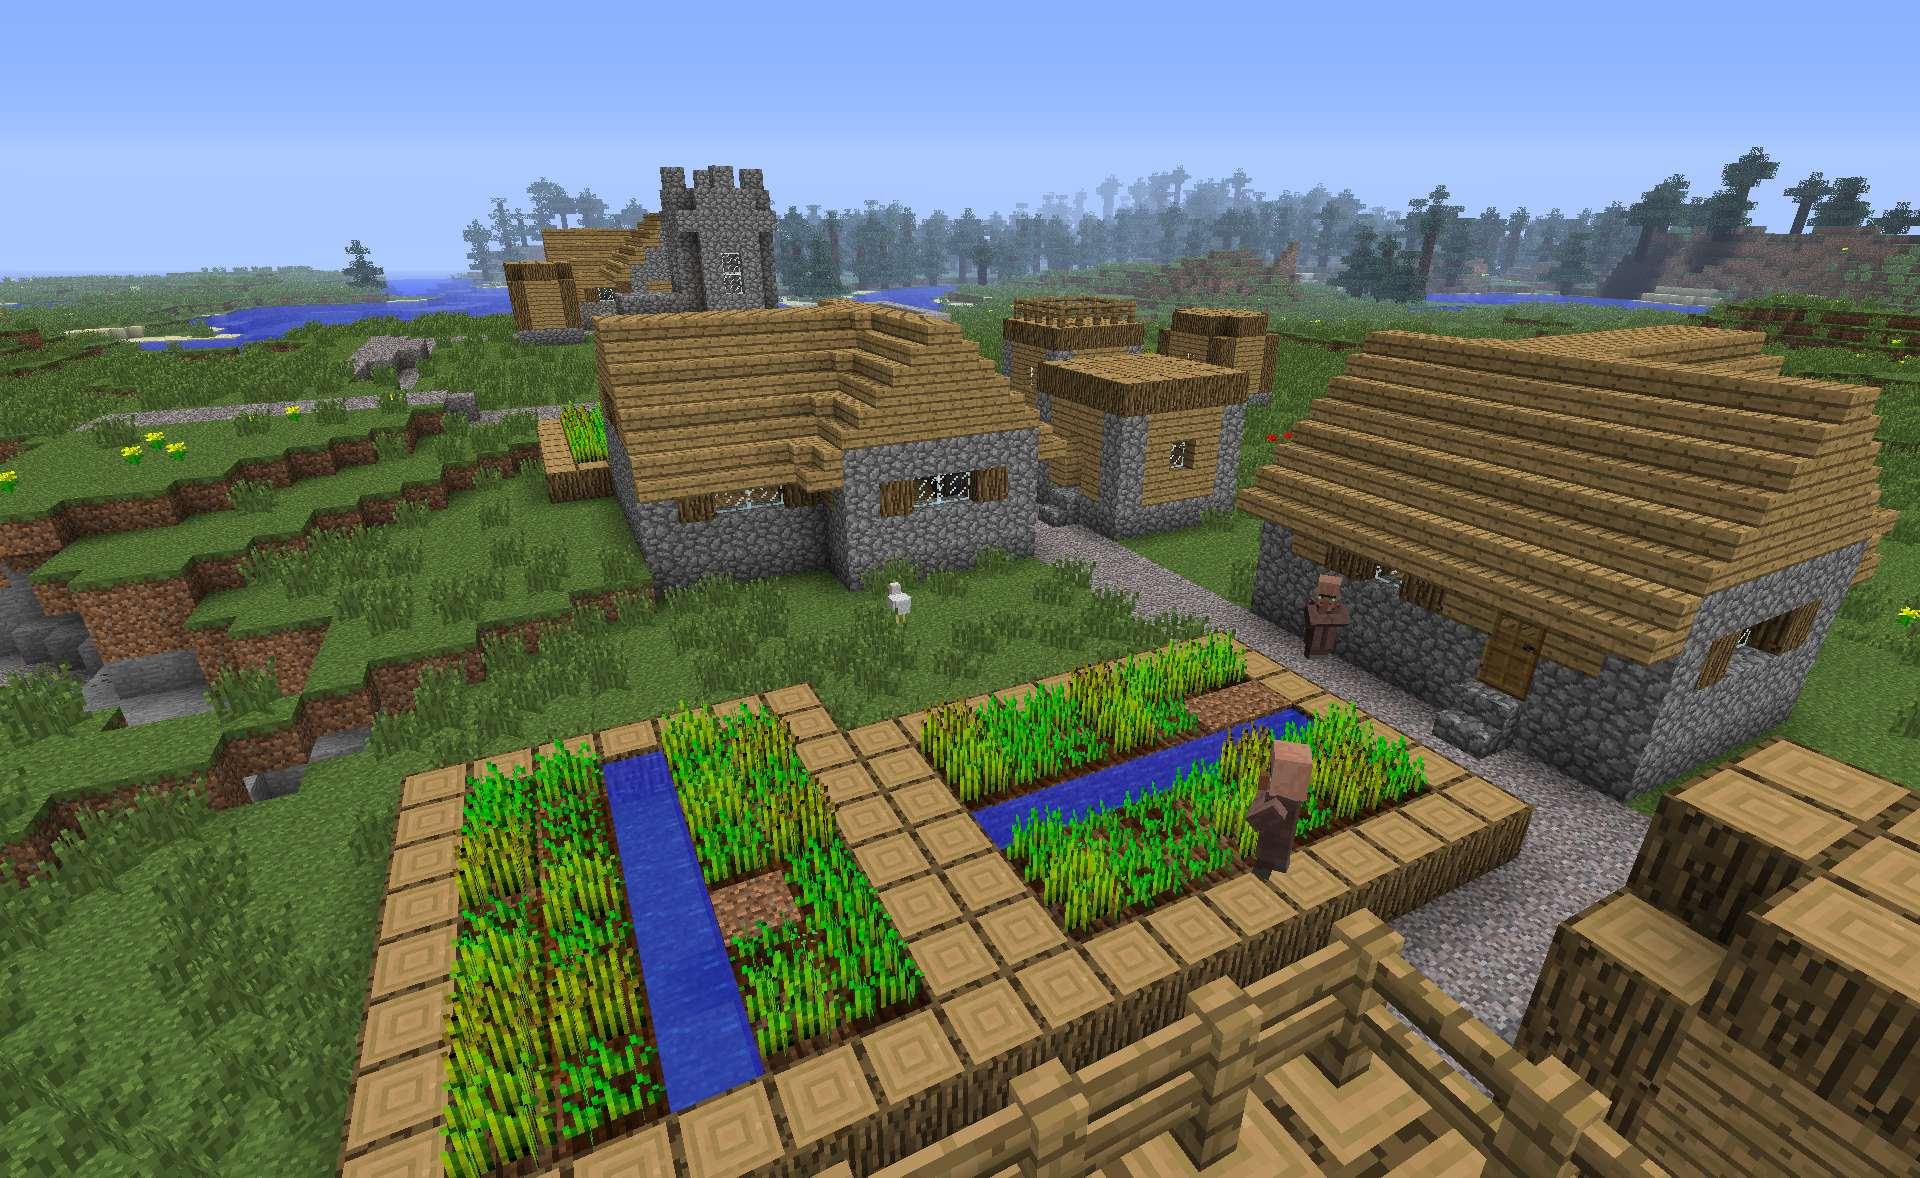 играть майнкрафт бесплатно и чтобы там было море и деревья и поле чтобы там построить дом #5